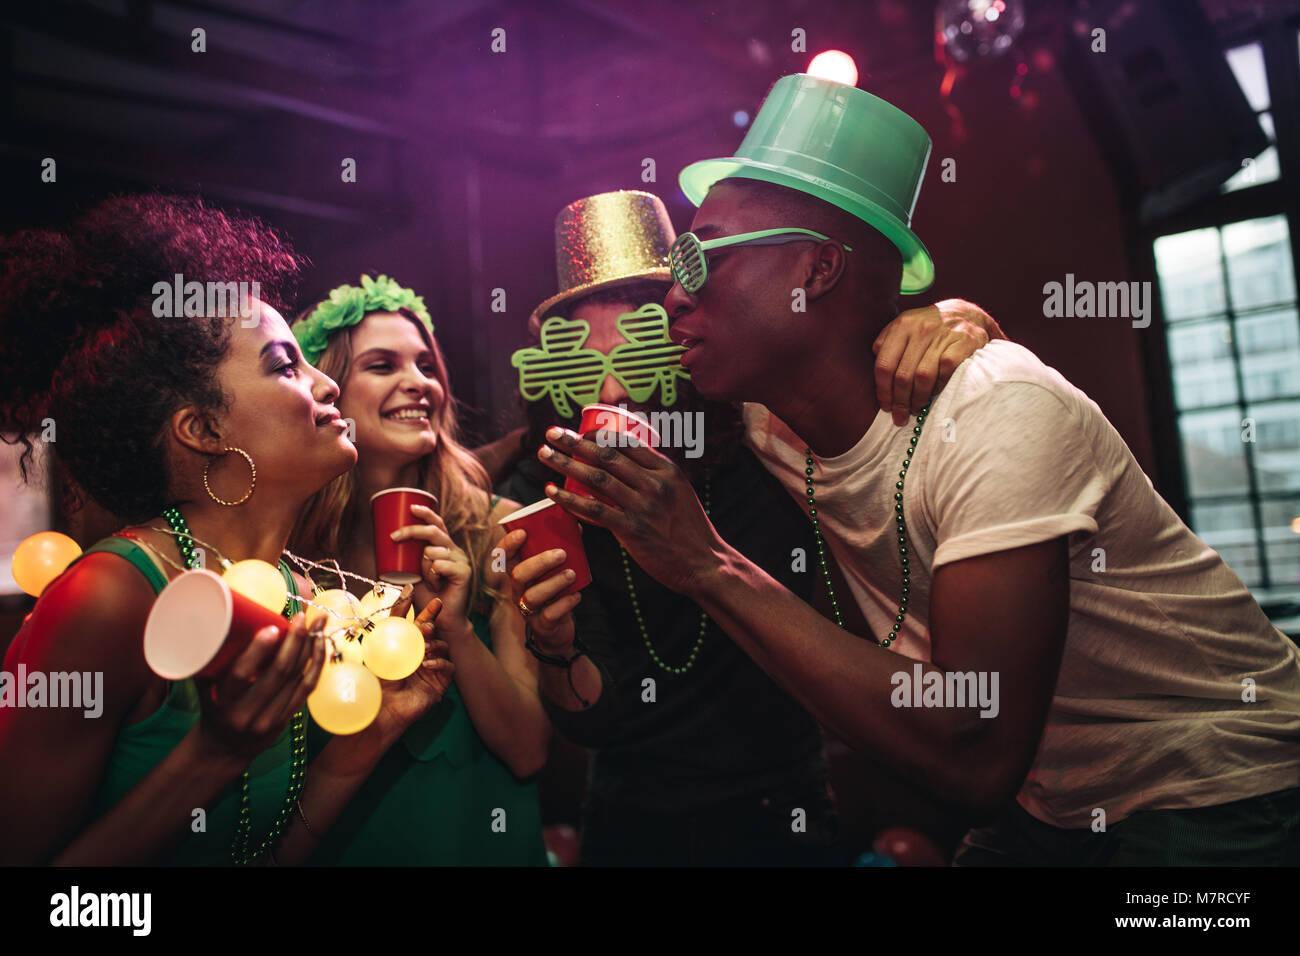 Multi-etnico gli uomini e le donne per divertirsi presso il bar. Gruppo di amici che celebra la festa di San Patrizio Immagini Stock